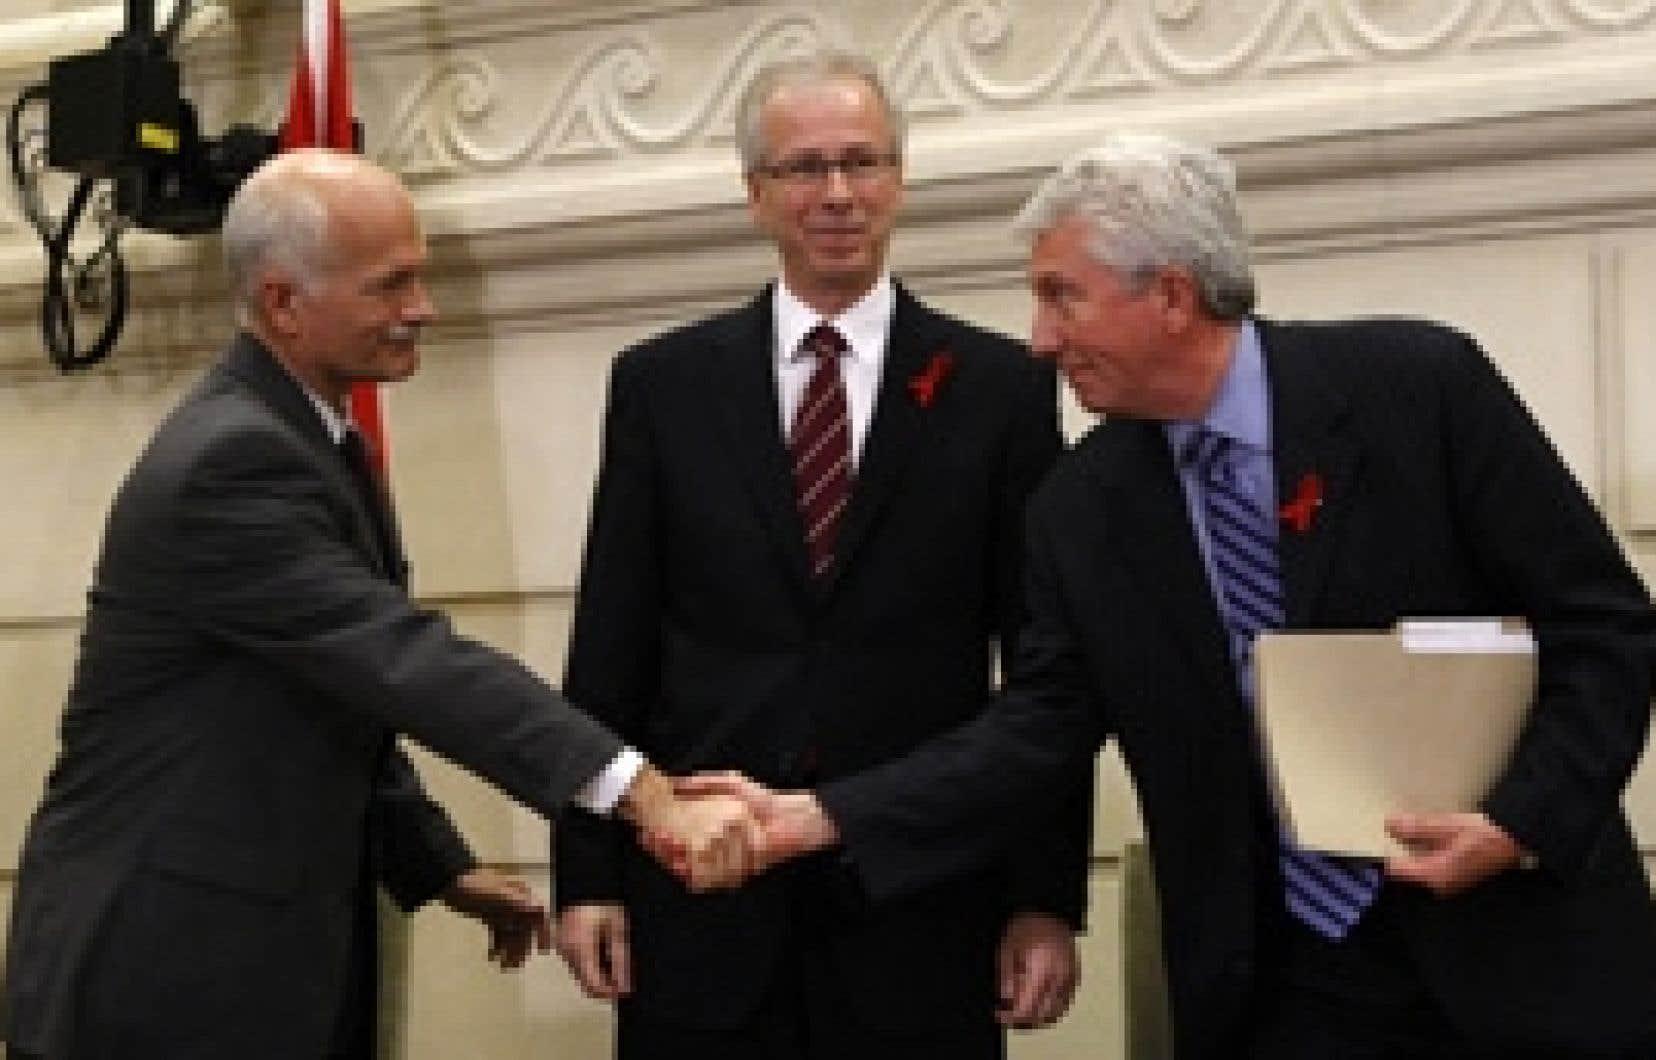 Les chefs Jack Layton, du NPD, Stéphane Dion, du Parti libéral, et Gilles Duceppe, du Bloc québécois, ont scellé hier à Ottawa un pacte visant à créer un gouvernement de coalition.